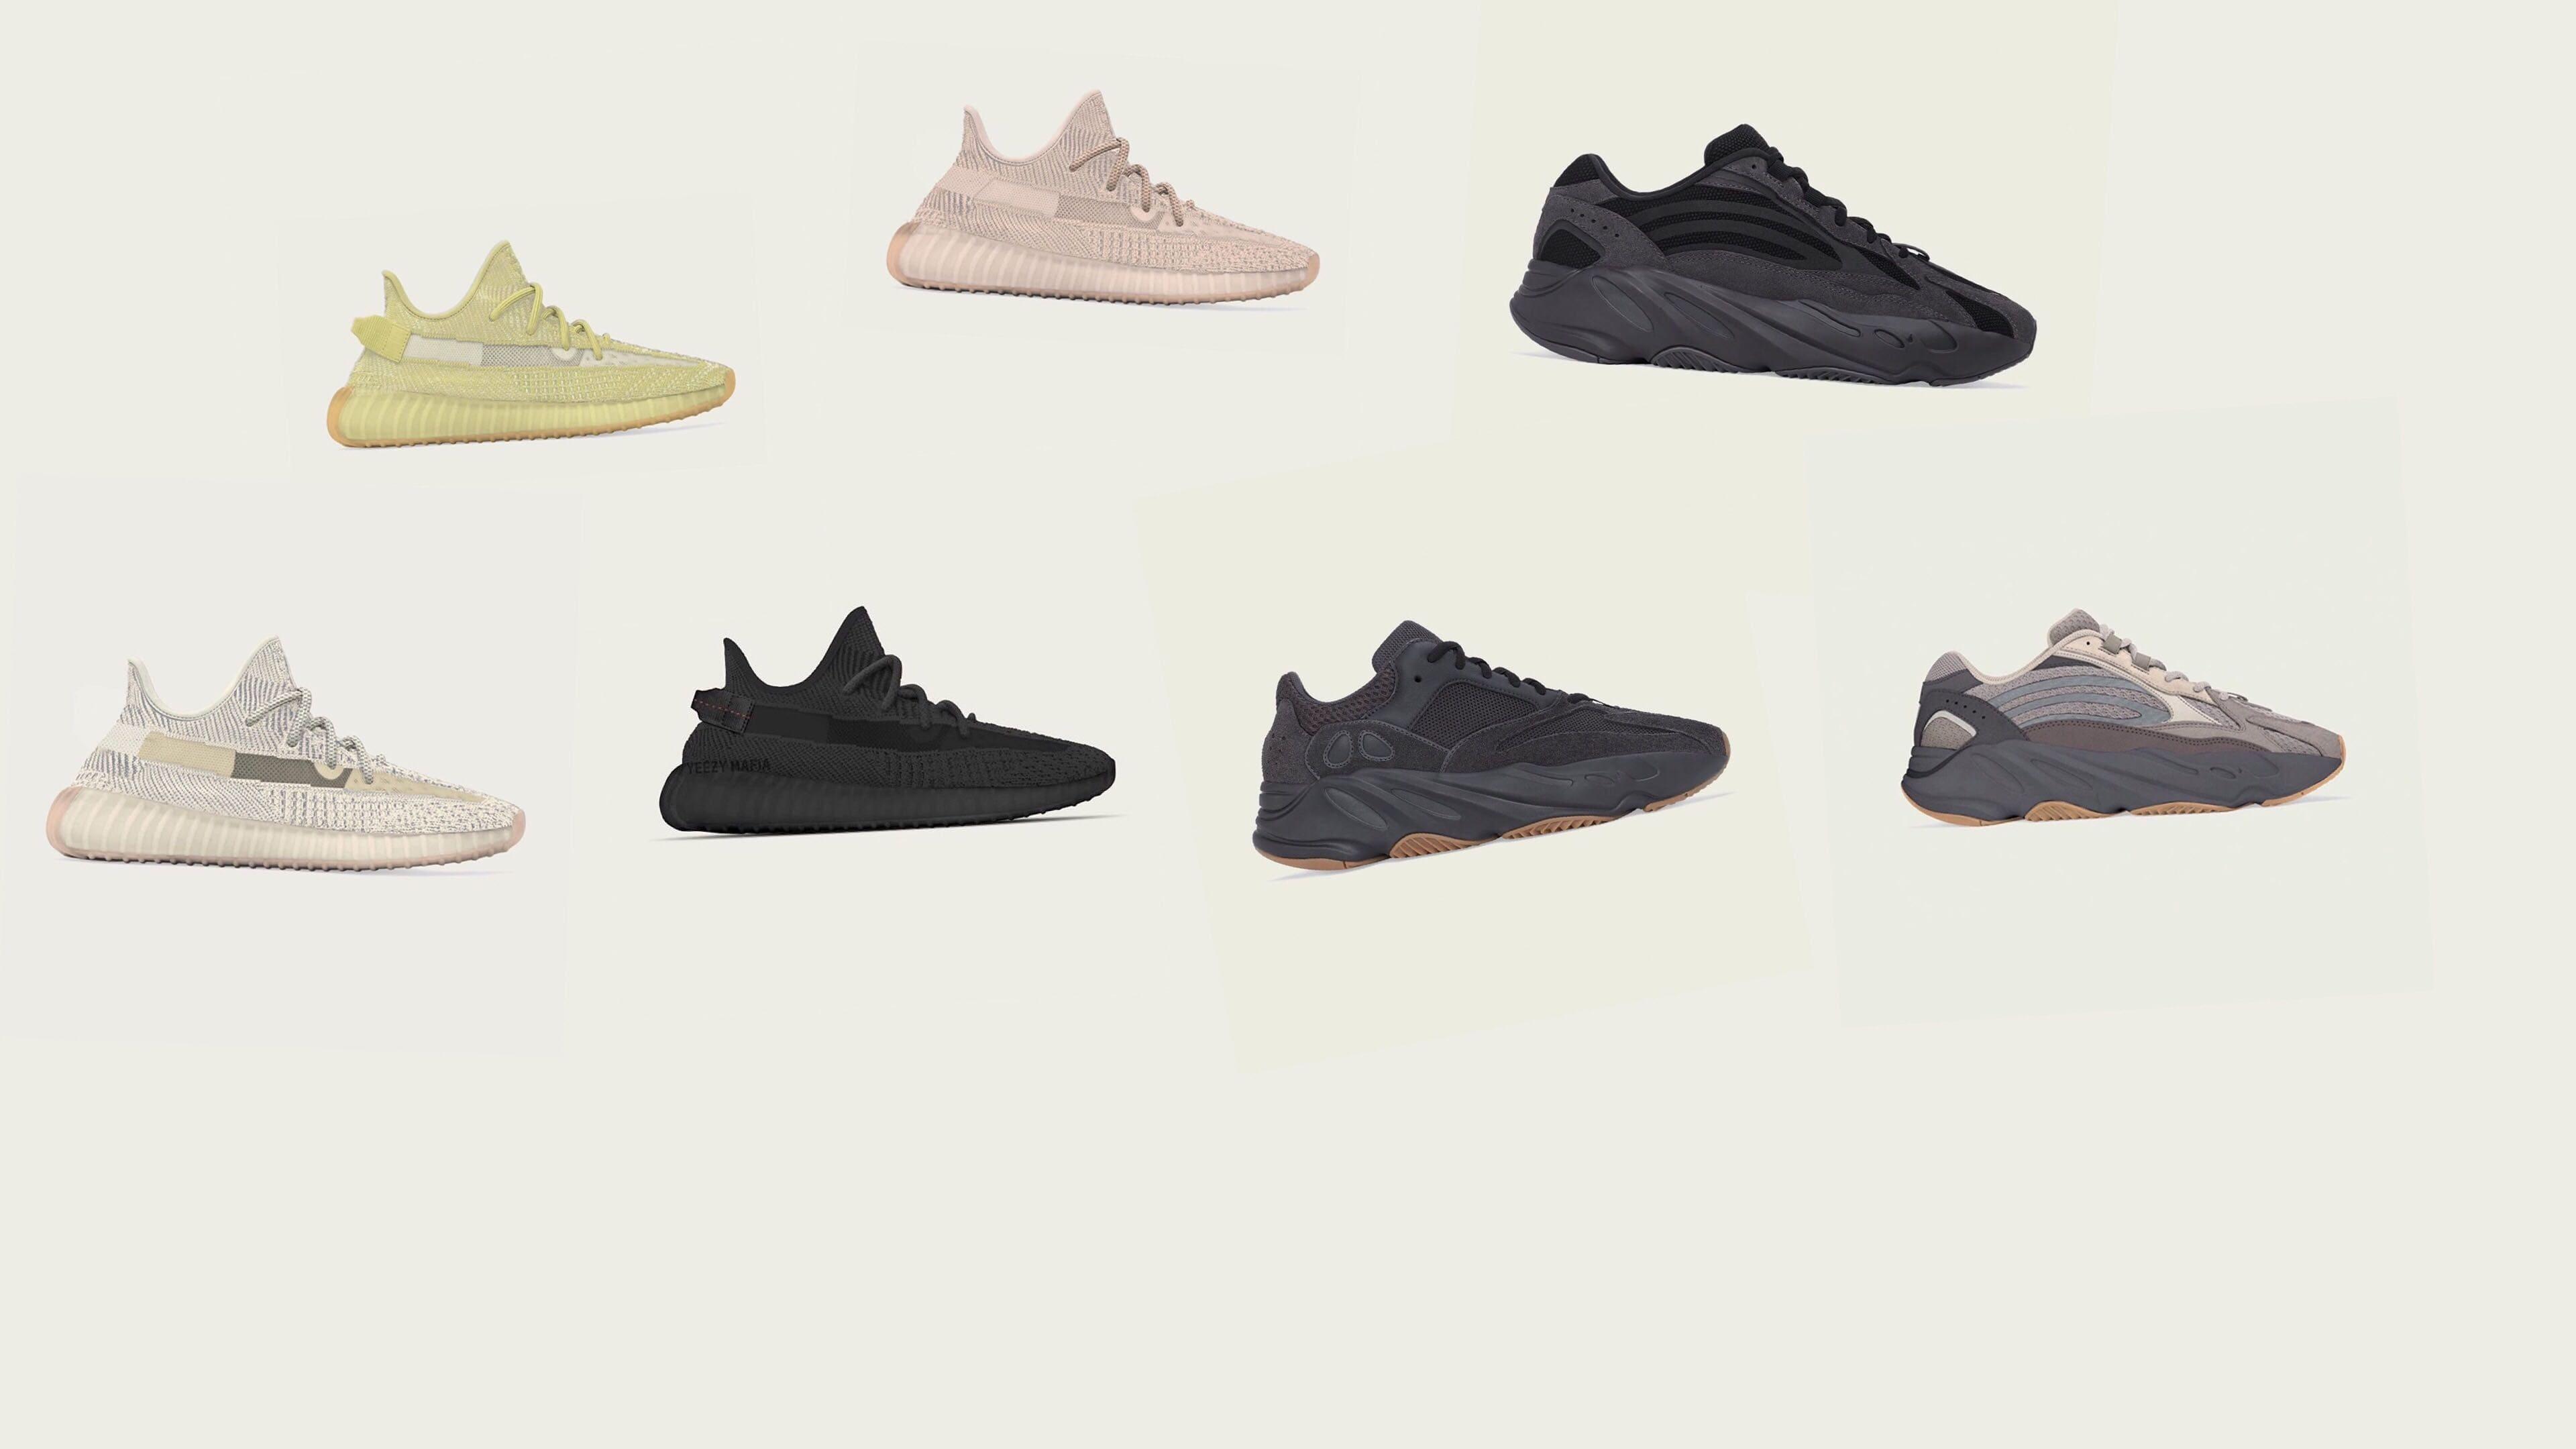 11-adidas-yeezy-boost-releases-juni-2019-01